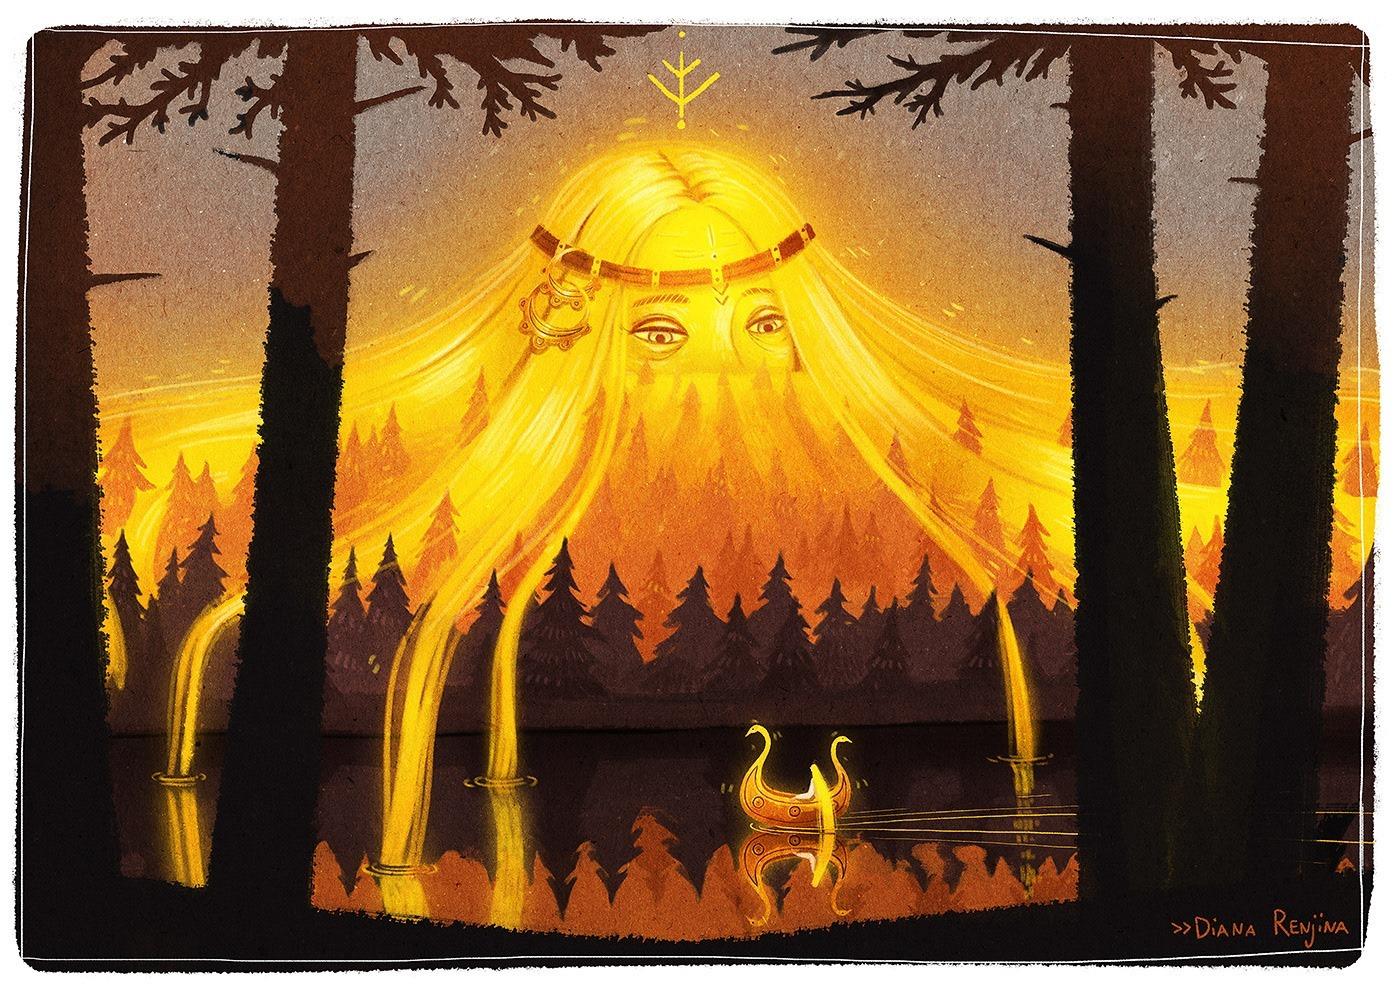 Solstice Art by Diana Renjina